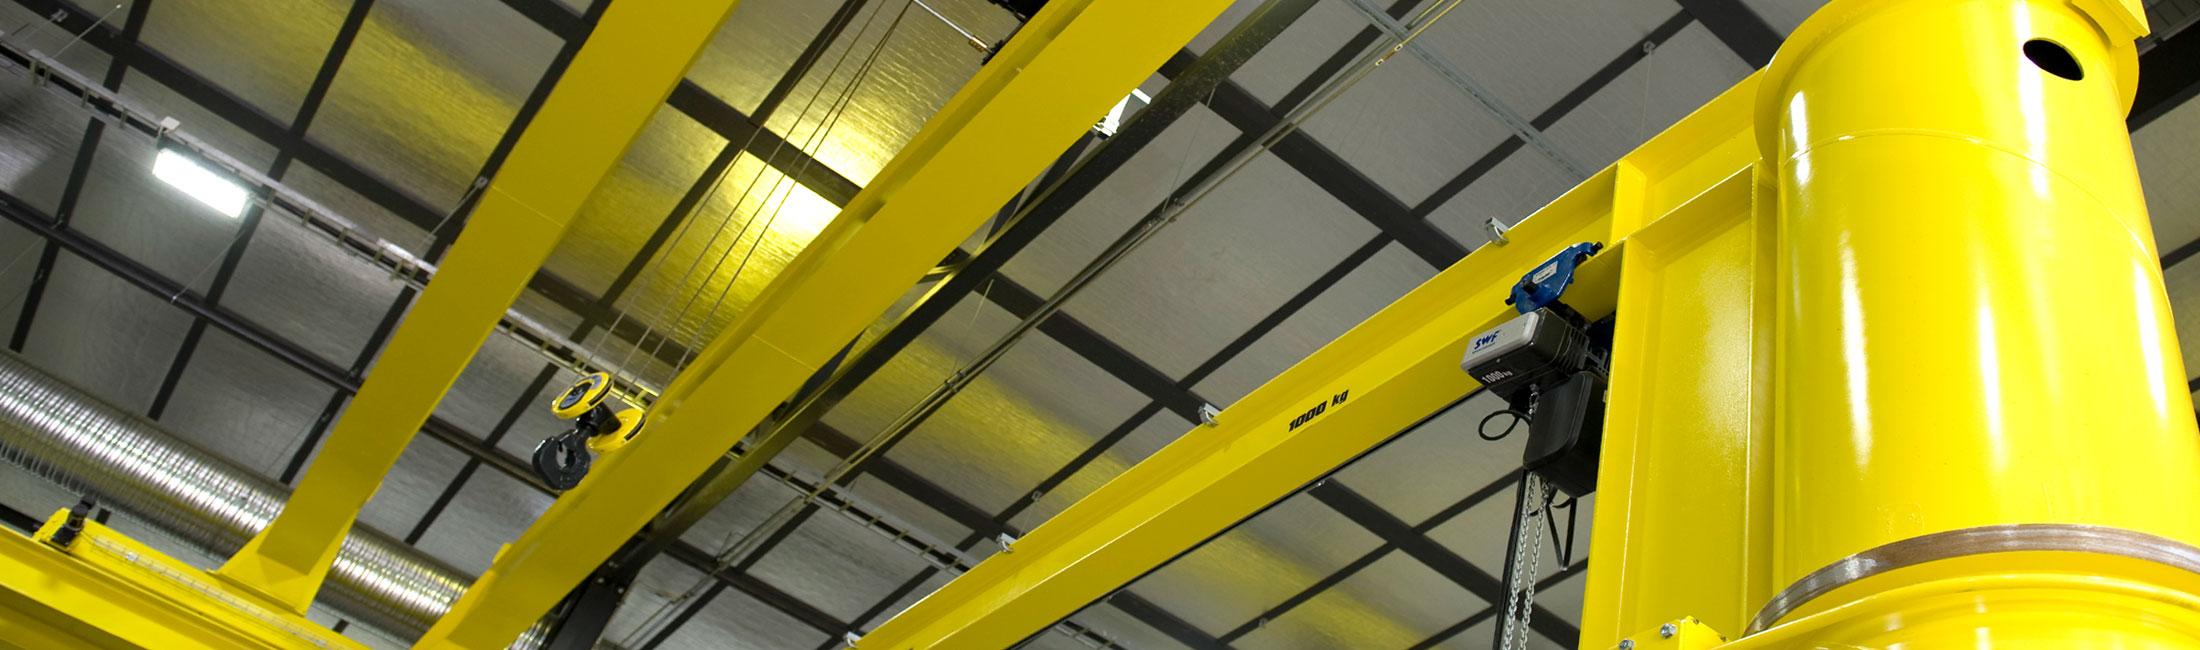 teollisuus-metalliteollisuus-teollisuuden-kaantopuominosturit-satateras-4